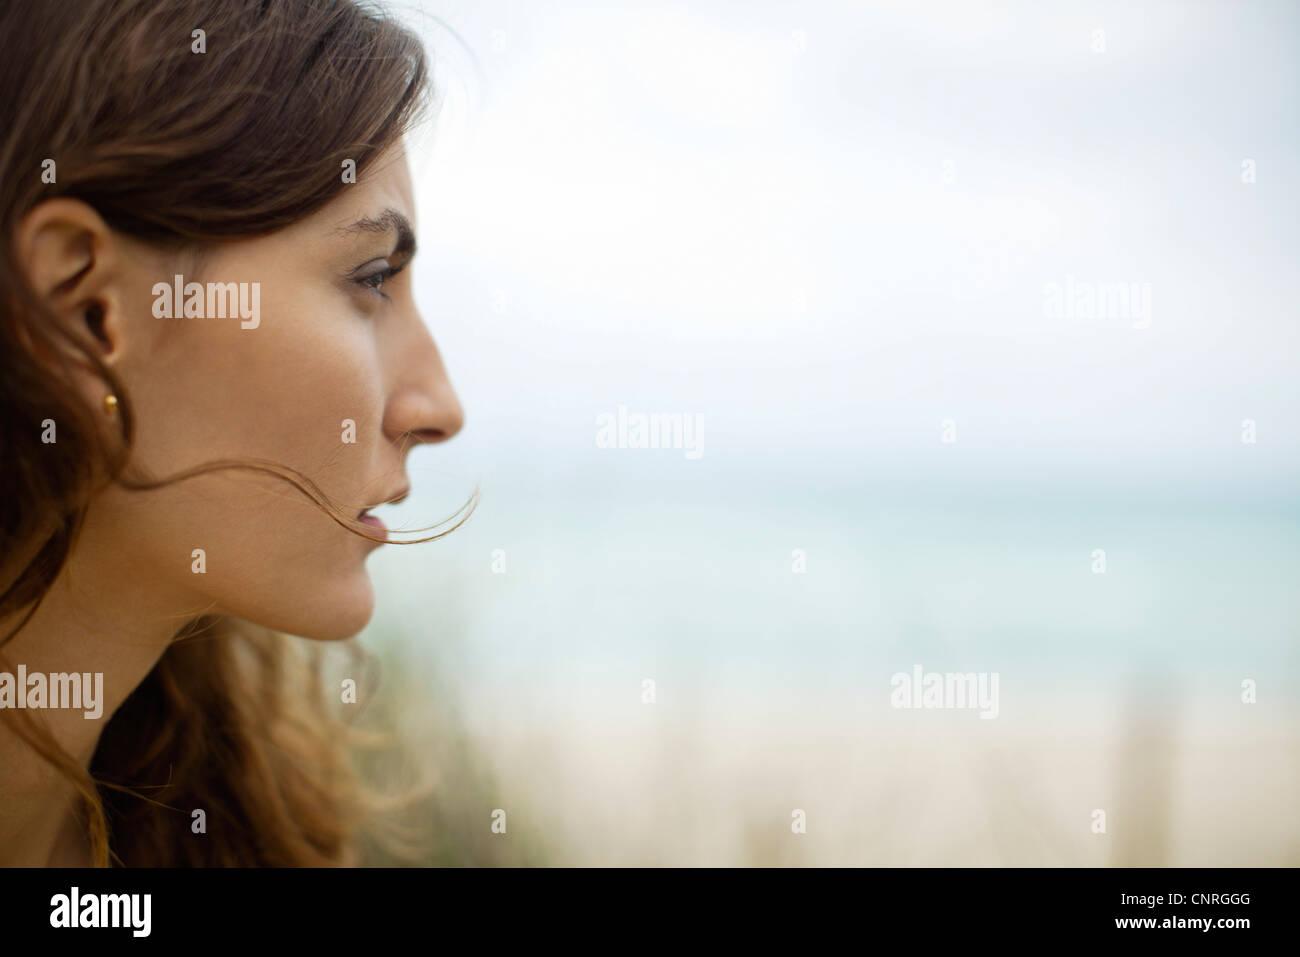 Profil der jungen Frau im freien Stockbild